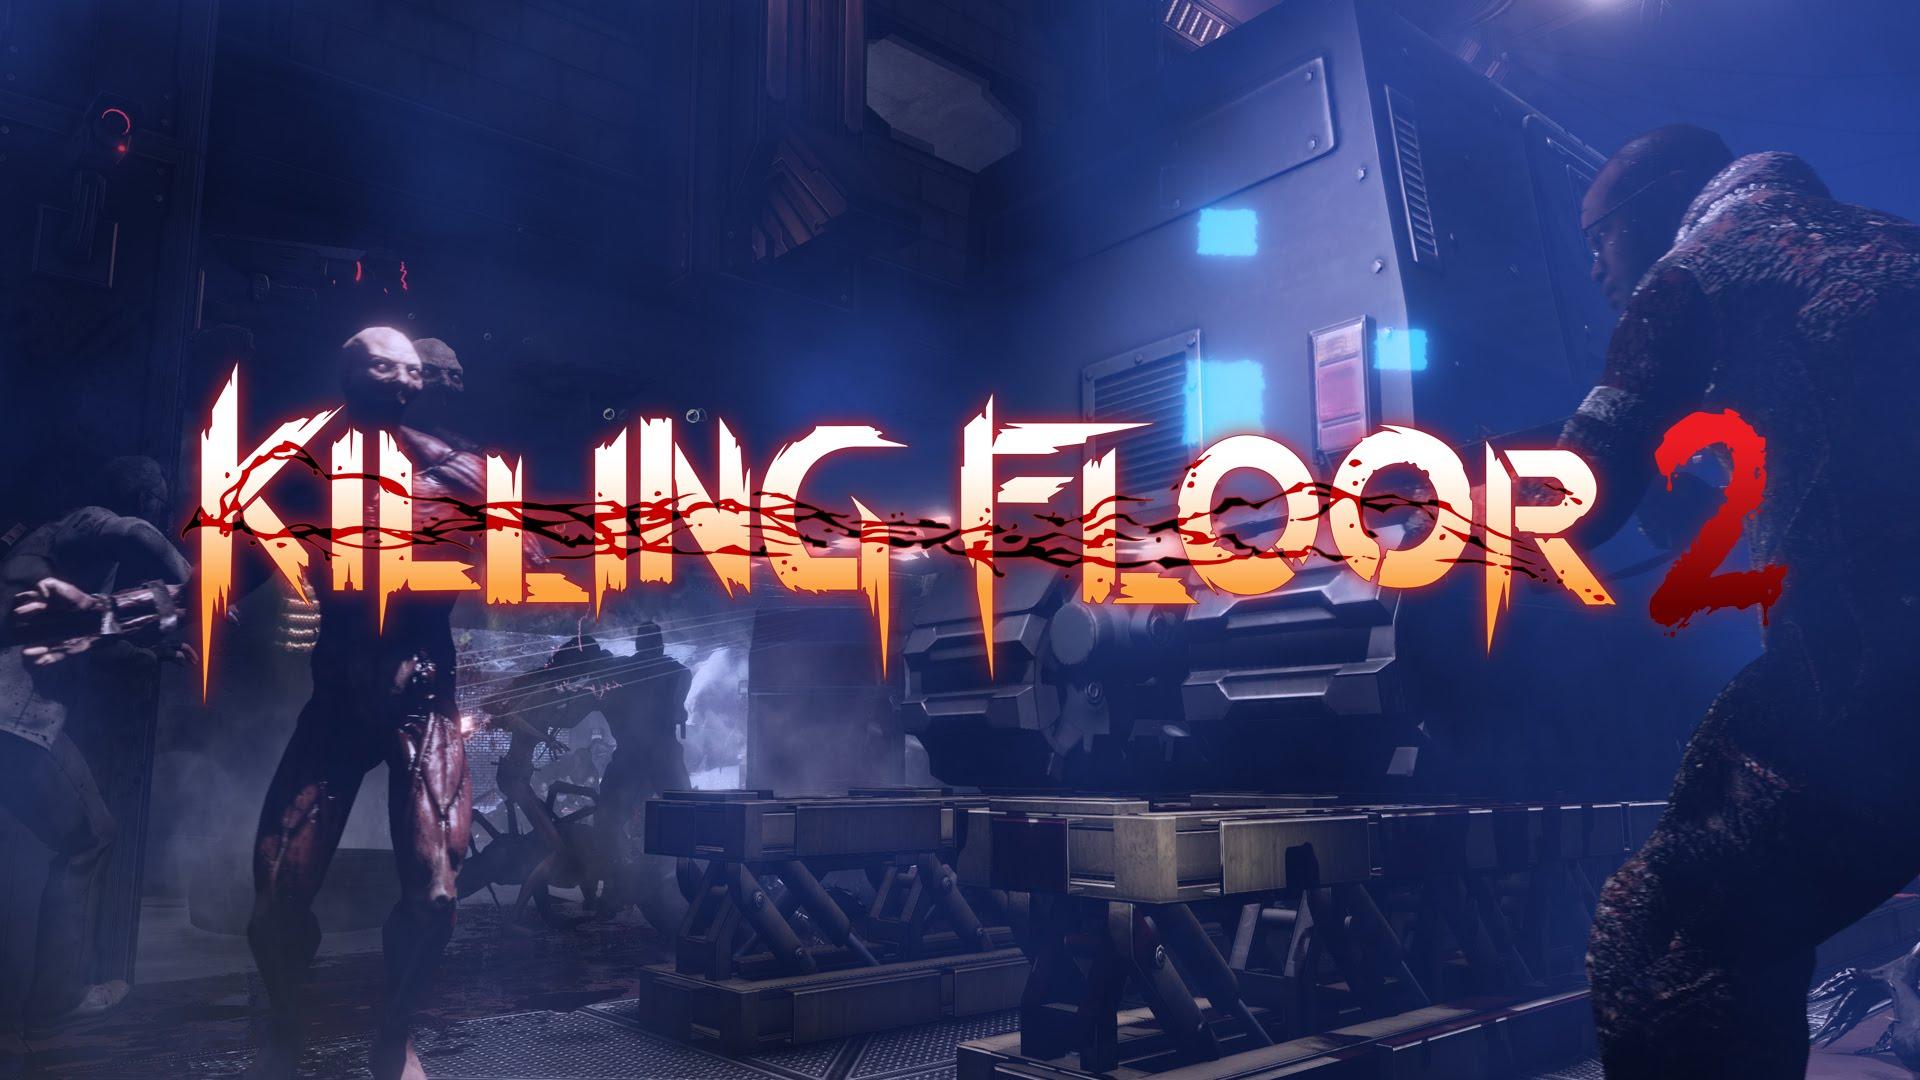 Killing Floor 2 erscheint erstmals für PlayStation 4 und PlayStation 4 Pro